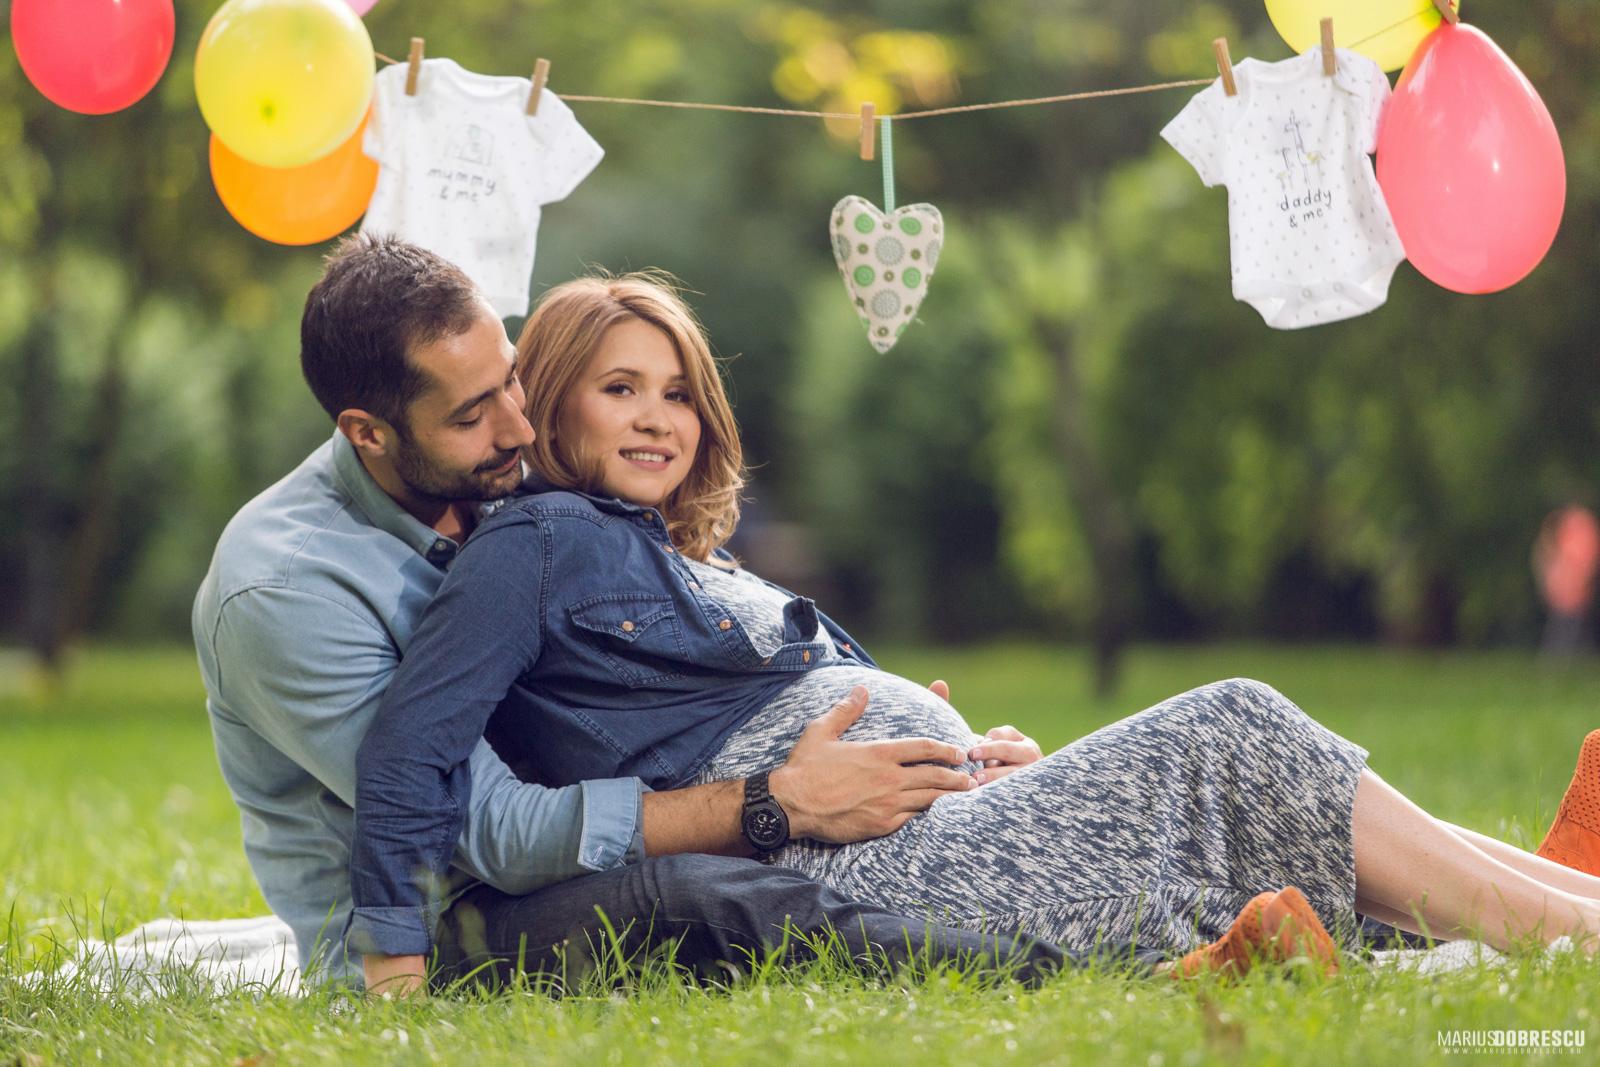 Sedinta foto graviduta Bucuresti - Lucia & Horia | Marius Dobrescu - Fotograf Nunta